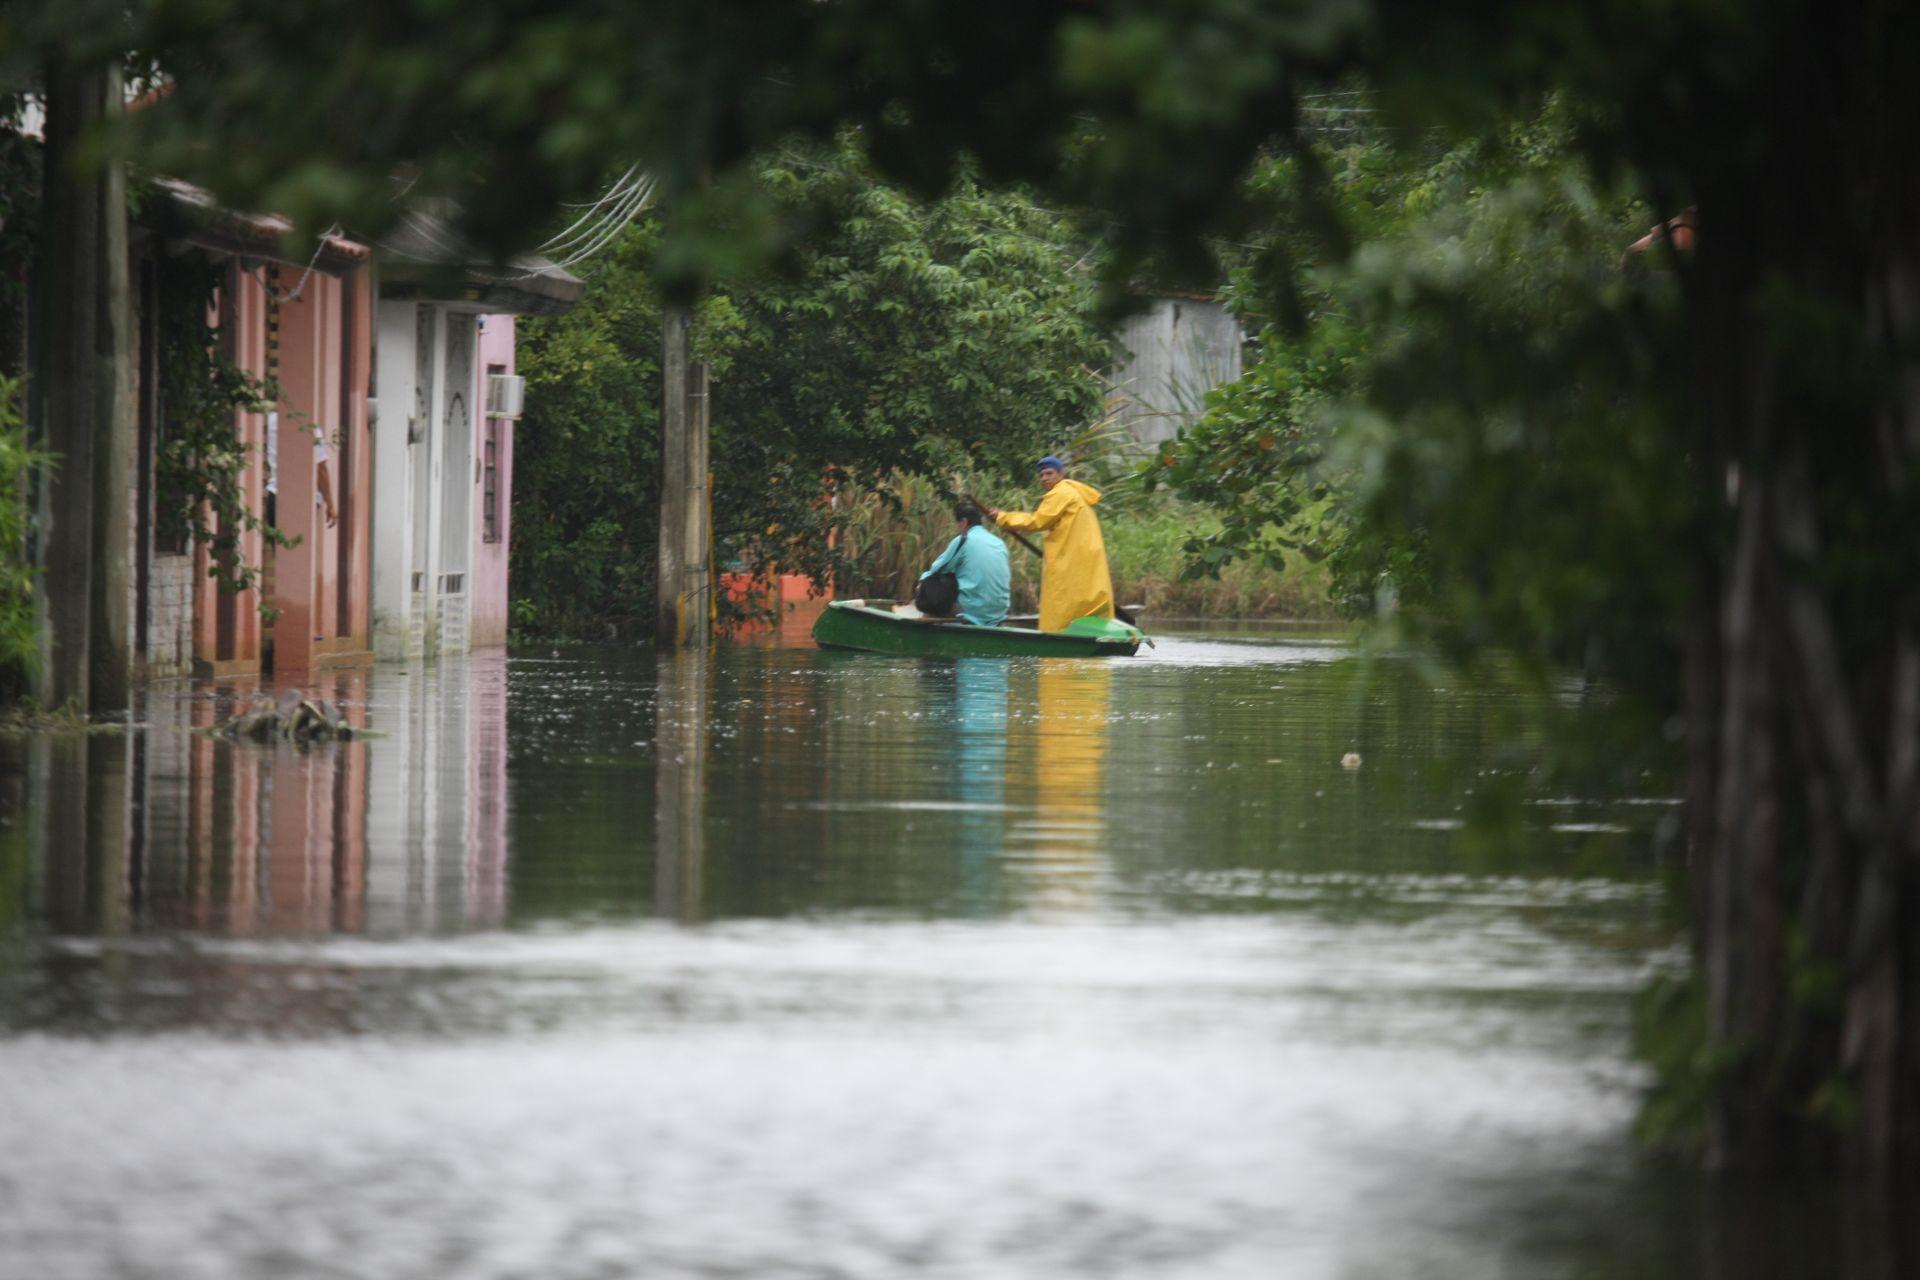 Villahermosa, Tabasco, 5 de noviembre de 2020. La CONAGUA pronostica lluvias torrenciales durante las 48 horas, y habitantes en Valle Verde de la colonia Gaviotas Sur, manifiestan que los niveles de agua no ceden temiendo que se desborden los ríos.